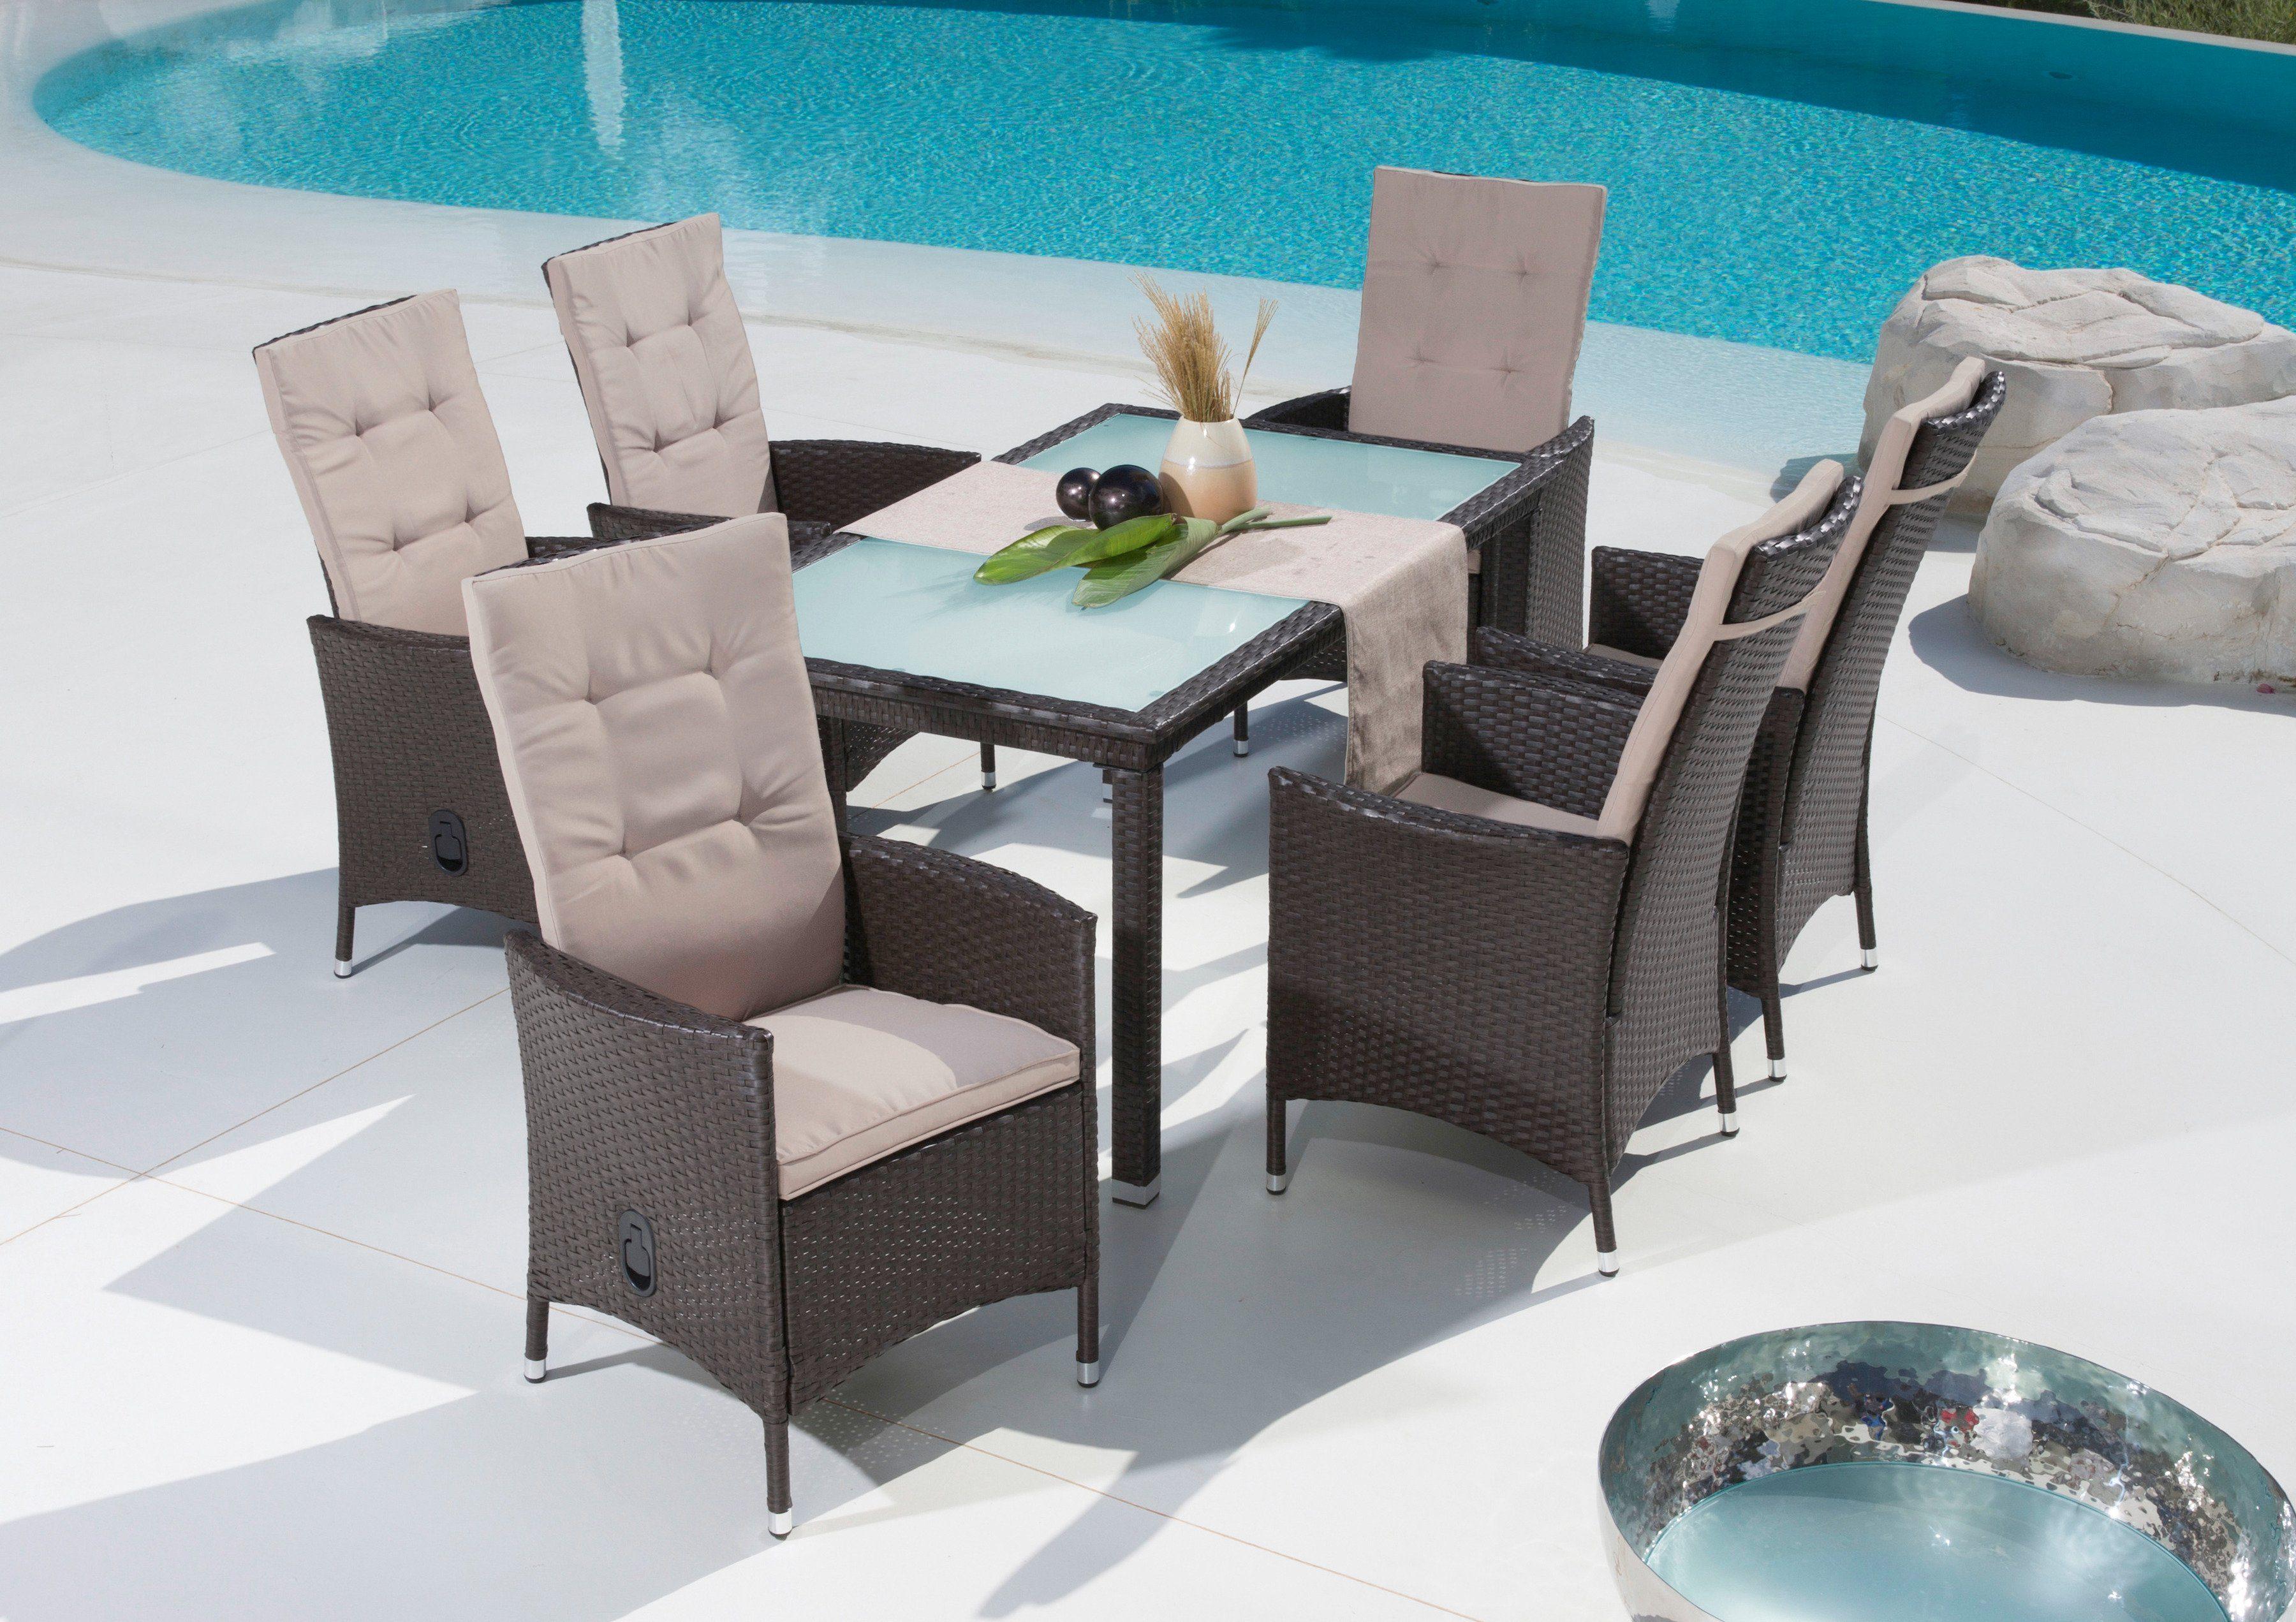 13-tgl. Gartenmöbelset »Madeira«, 6 Sessel, Tisch 148,5x84,5 cm, Polyrattan, braun